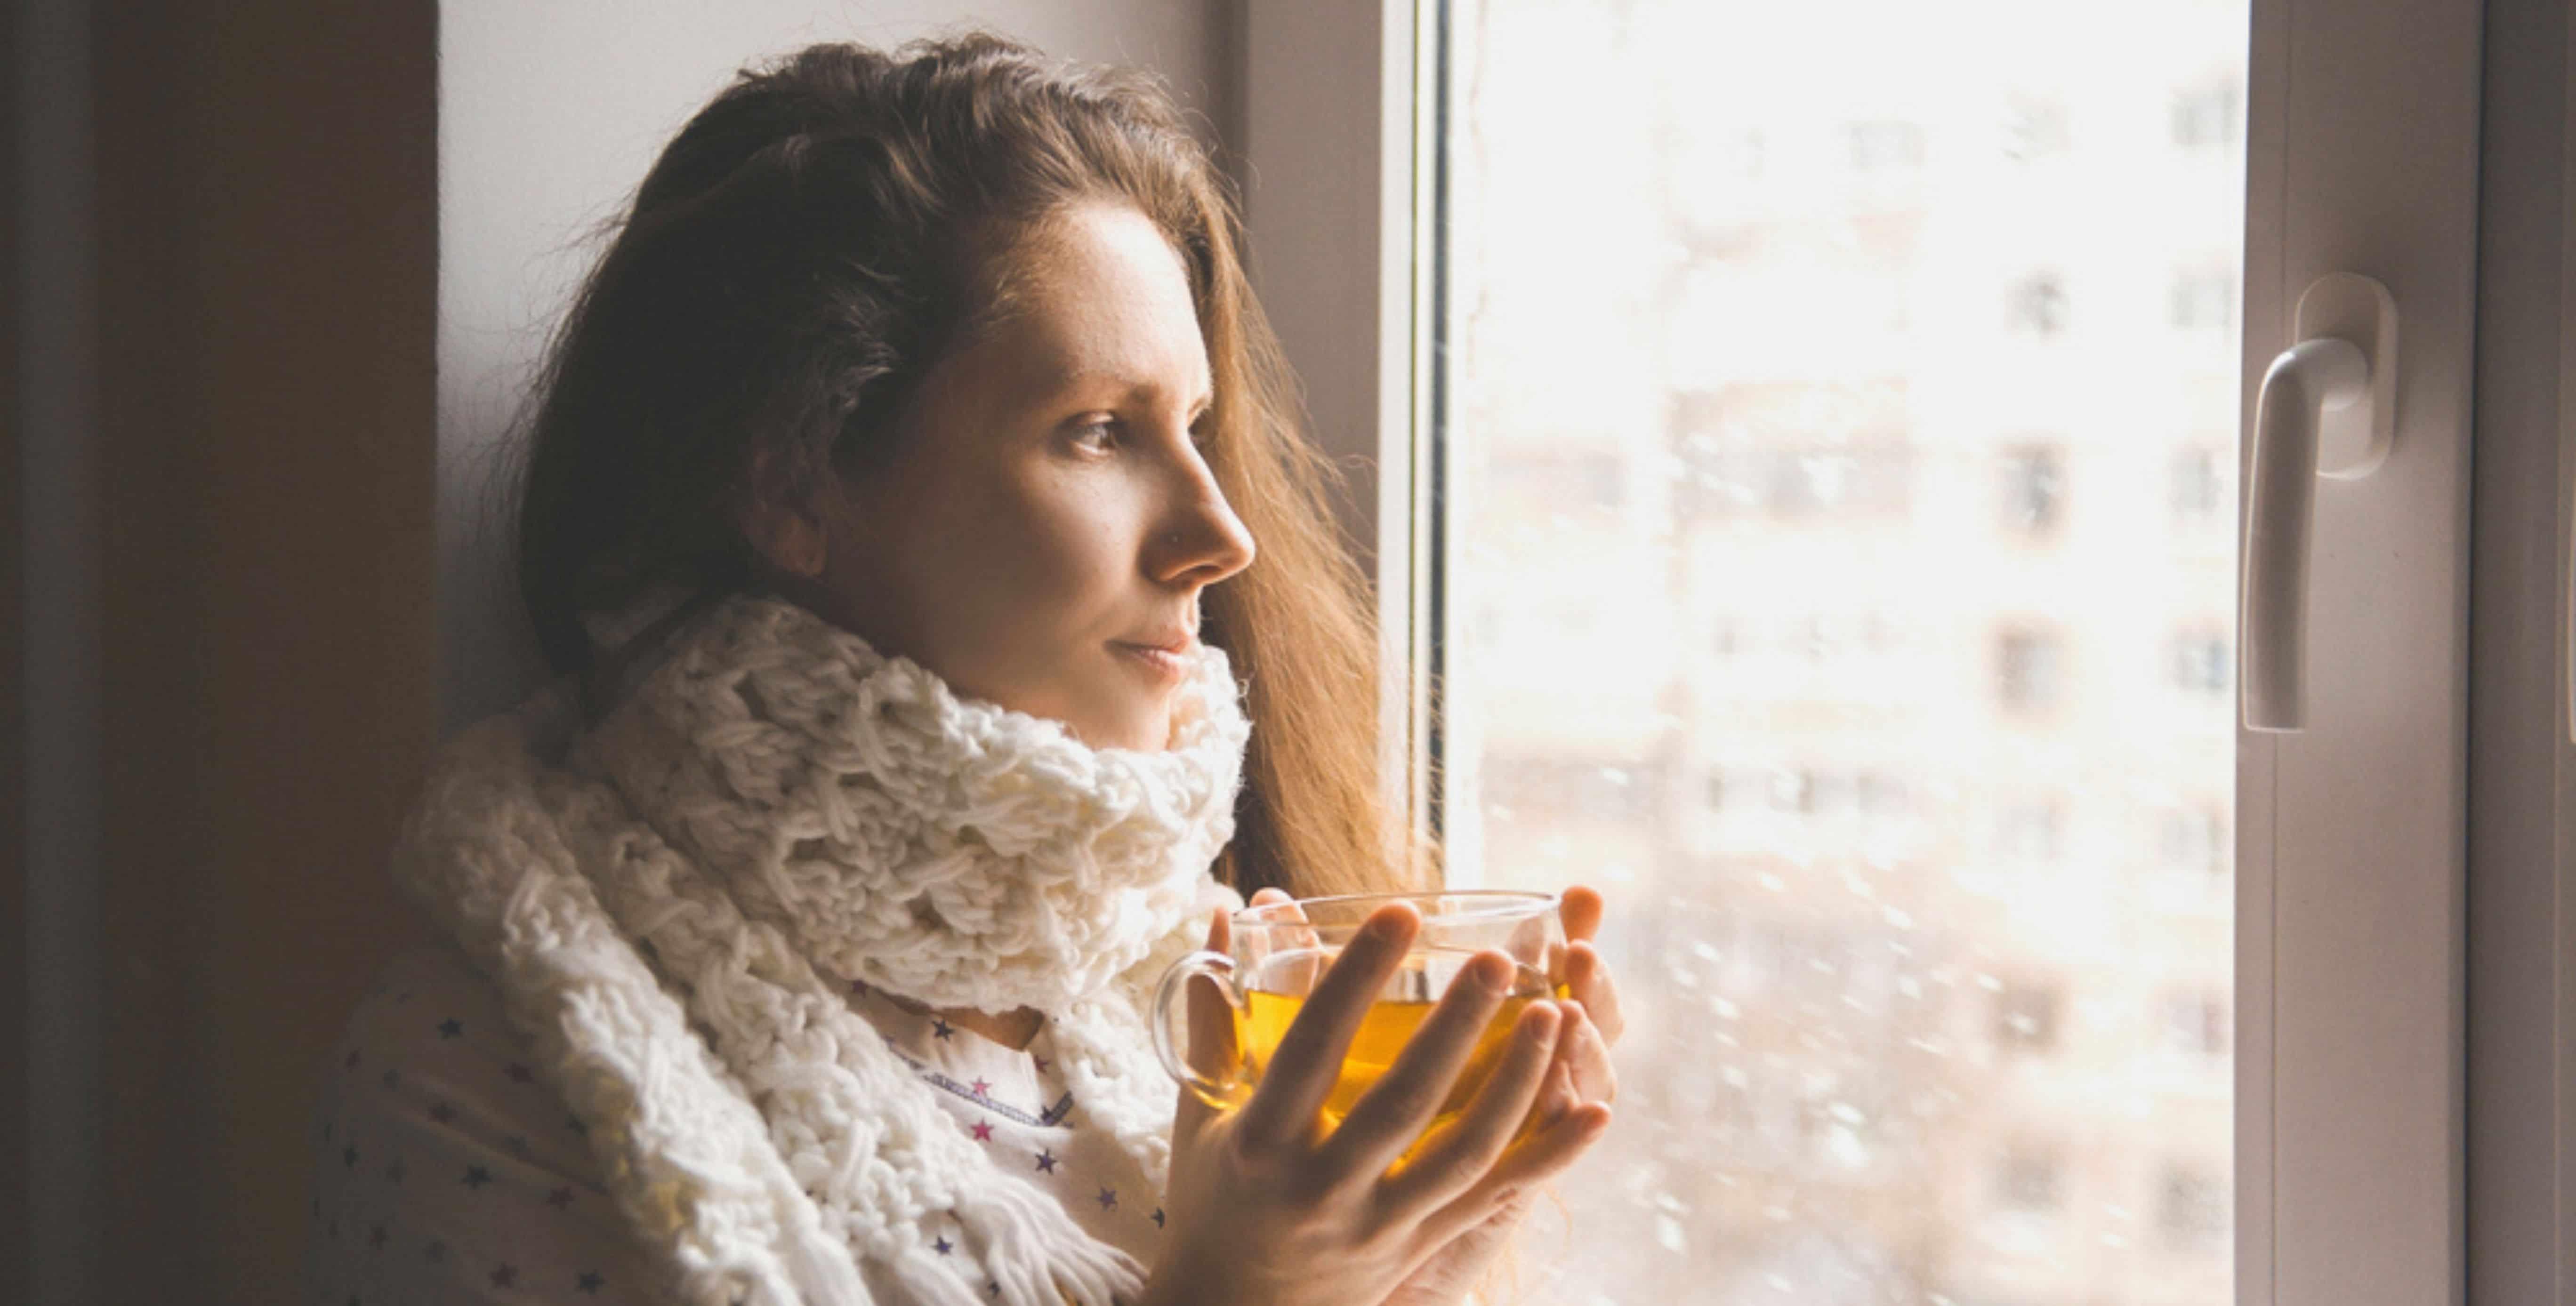 Boire des infusions pour renforcer son système immunitaire